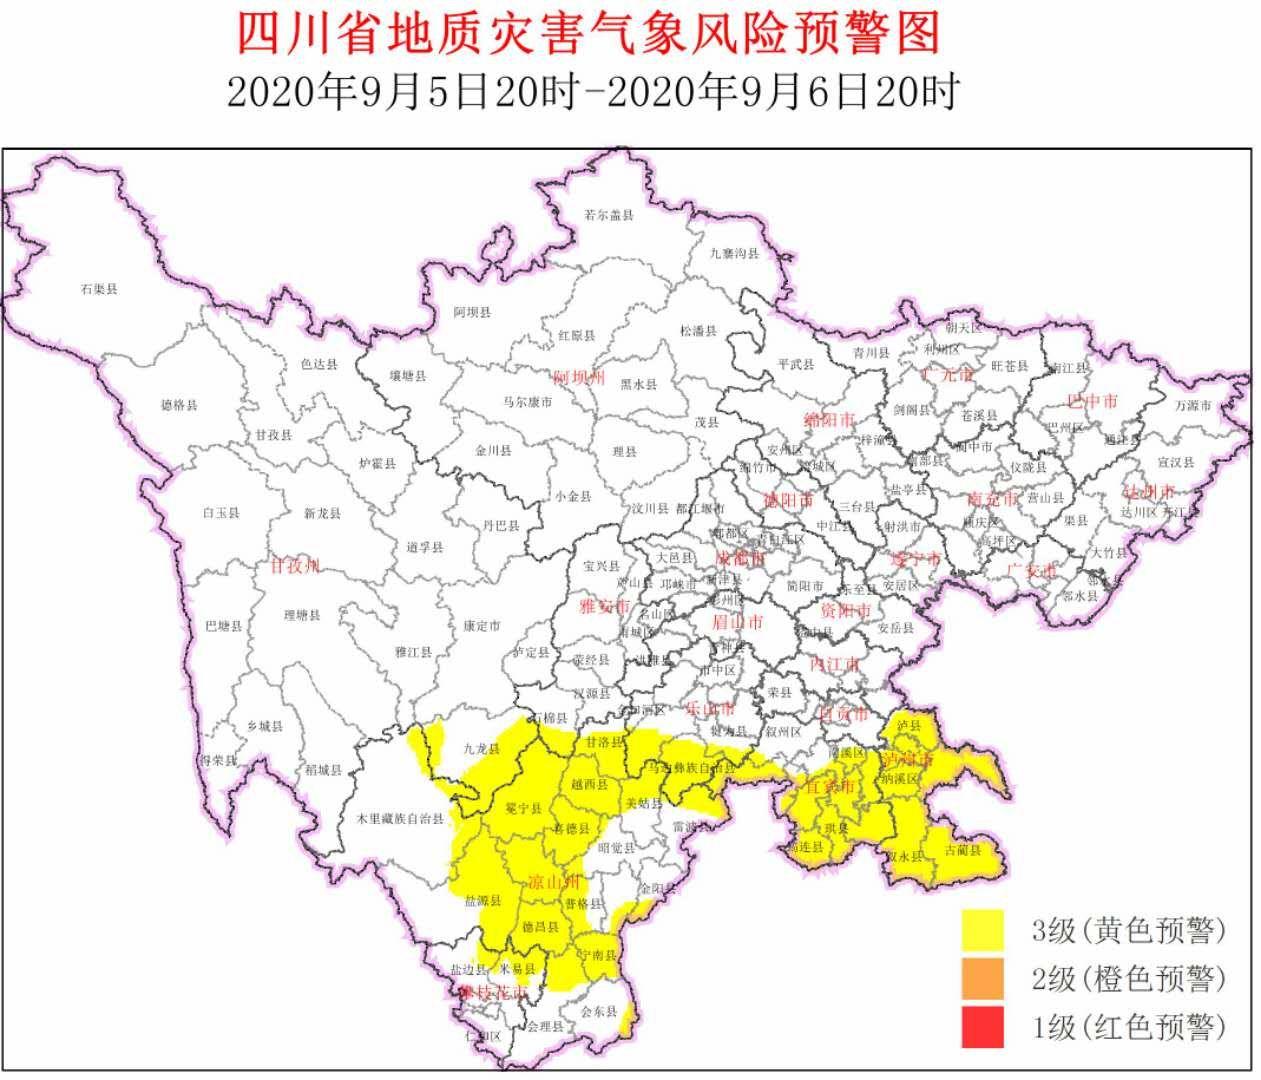 降雨来袭 四川发布地质灾害气象风险3级黄色预警及山洪灾害蓝色预警图片